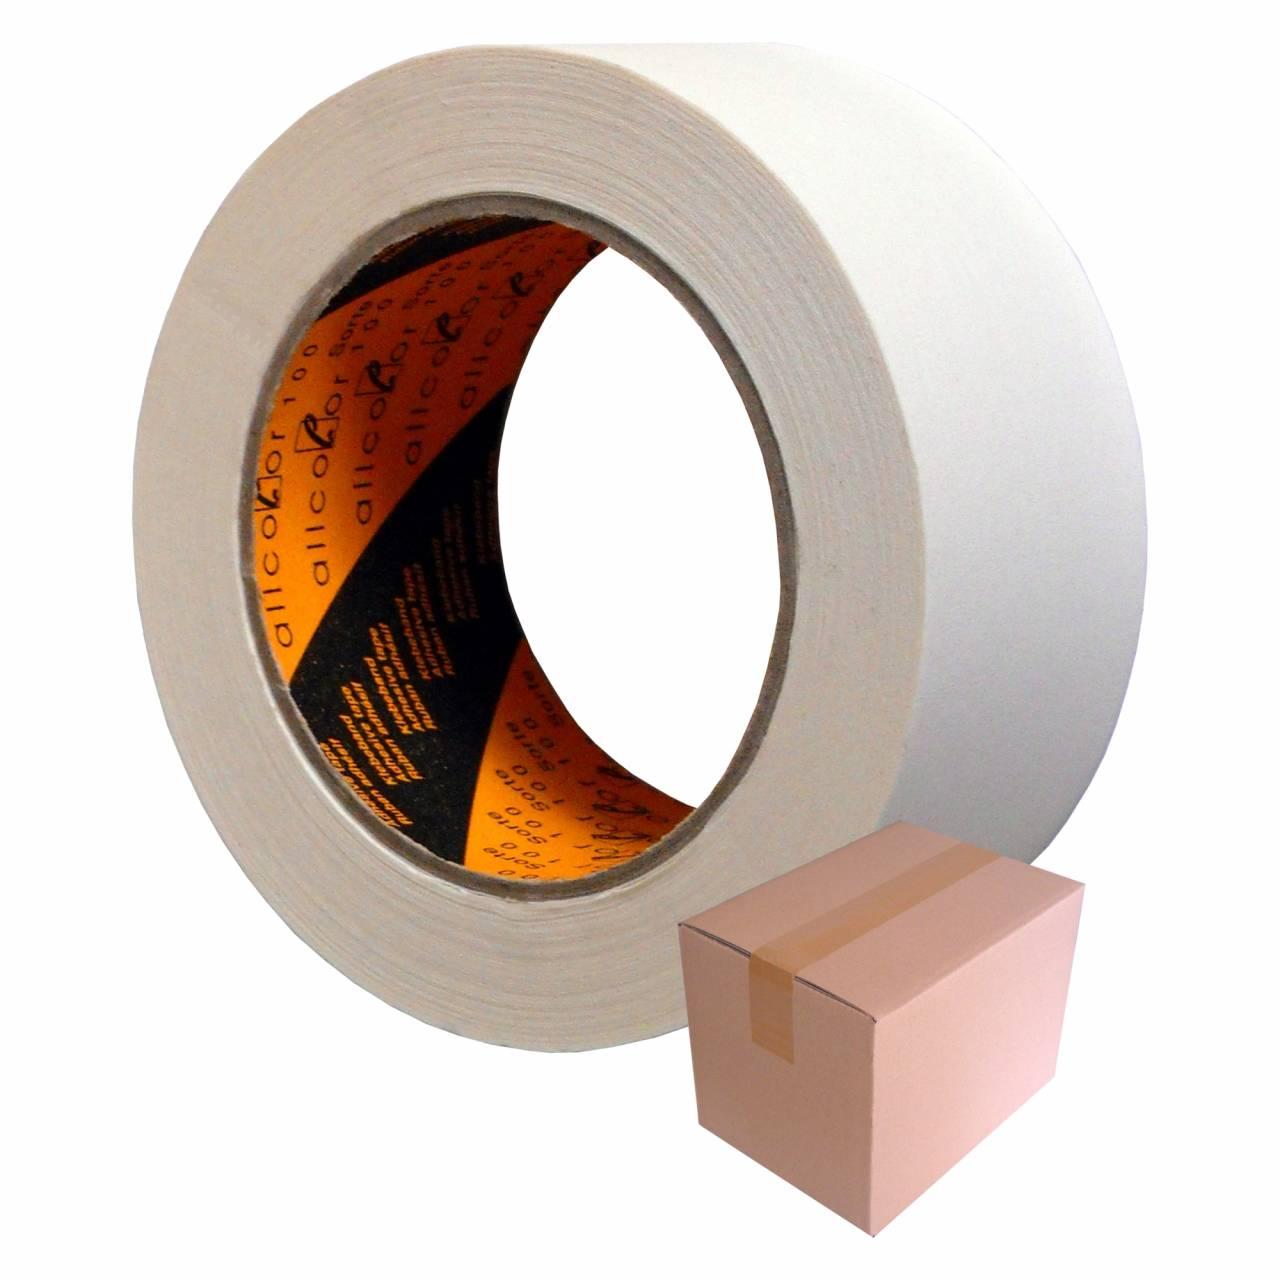 Feinkreppband T001, 50 mm x 50 m / Krt a 24 Rollen